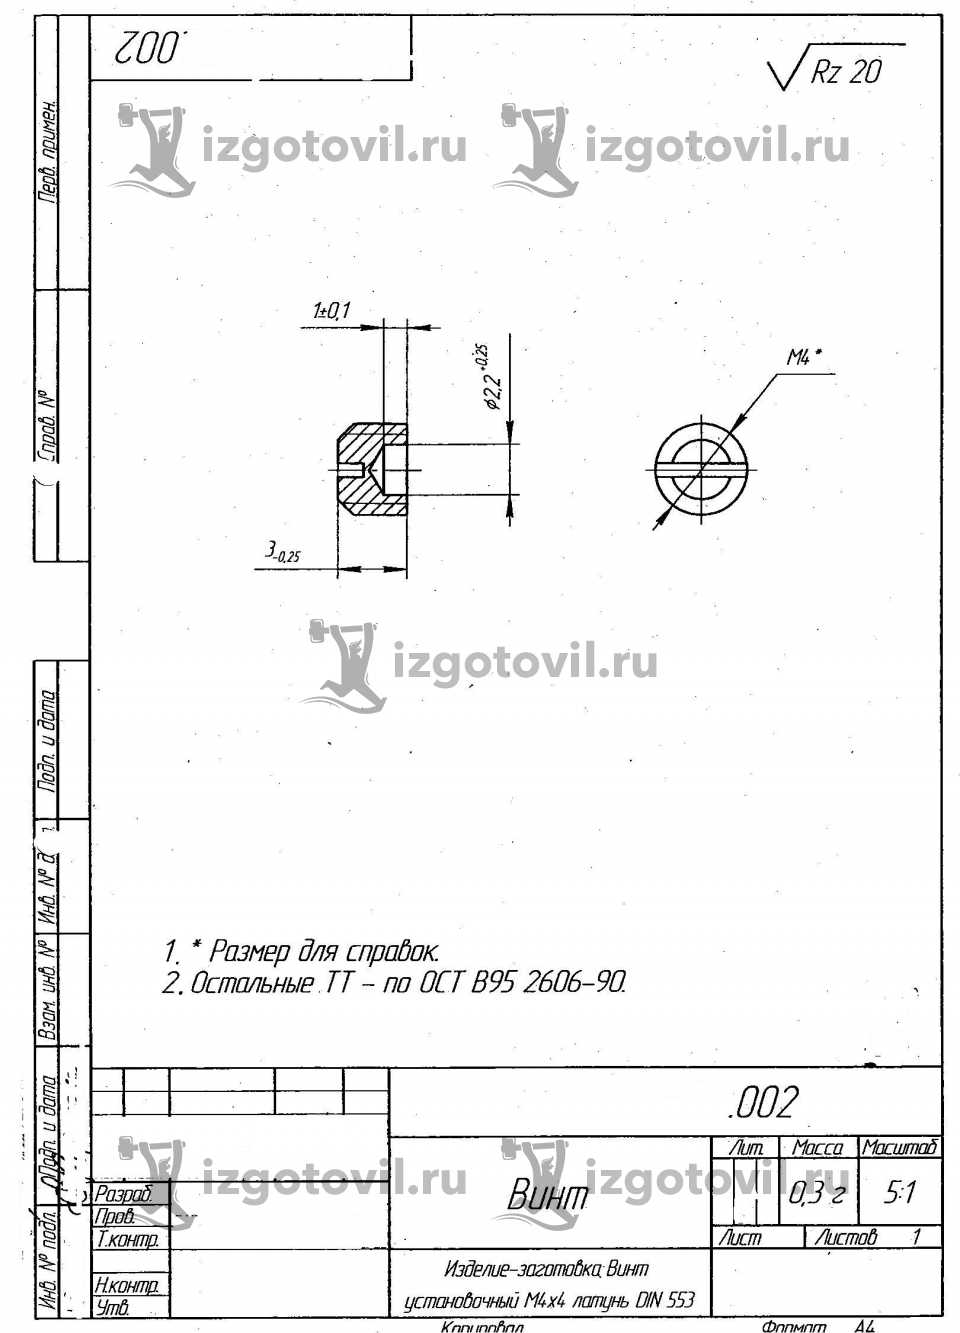 Токарная обработка ЧПУ - винт